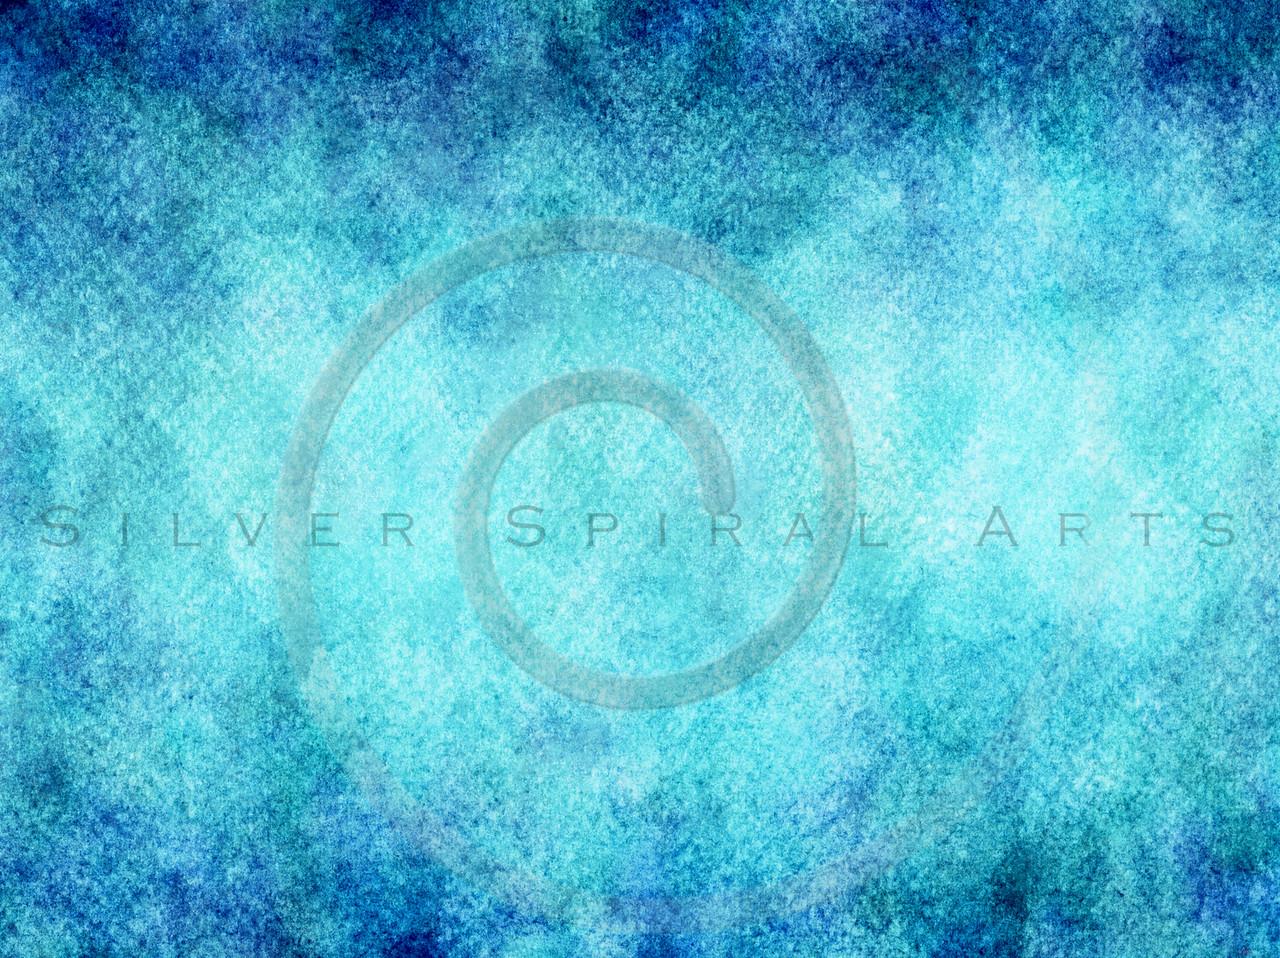 Teal Aqua Blue Watercolor Texture Background